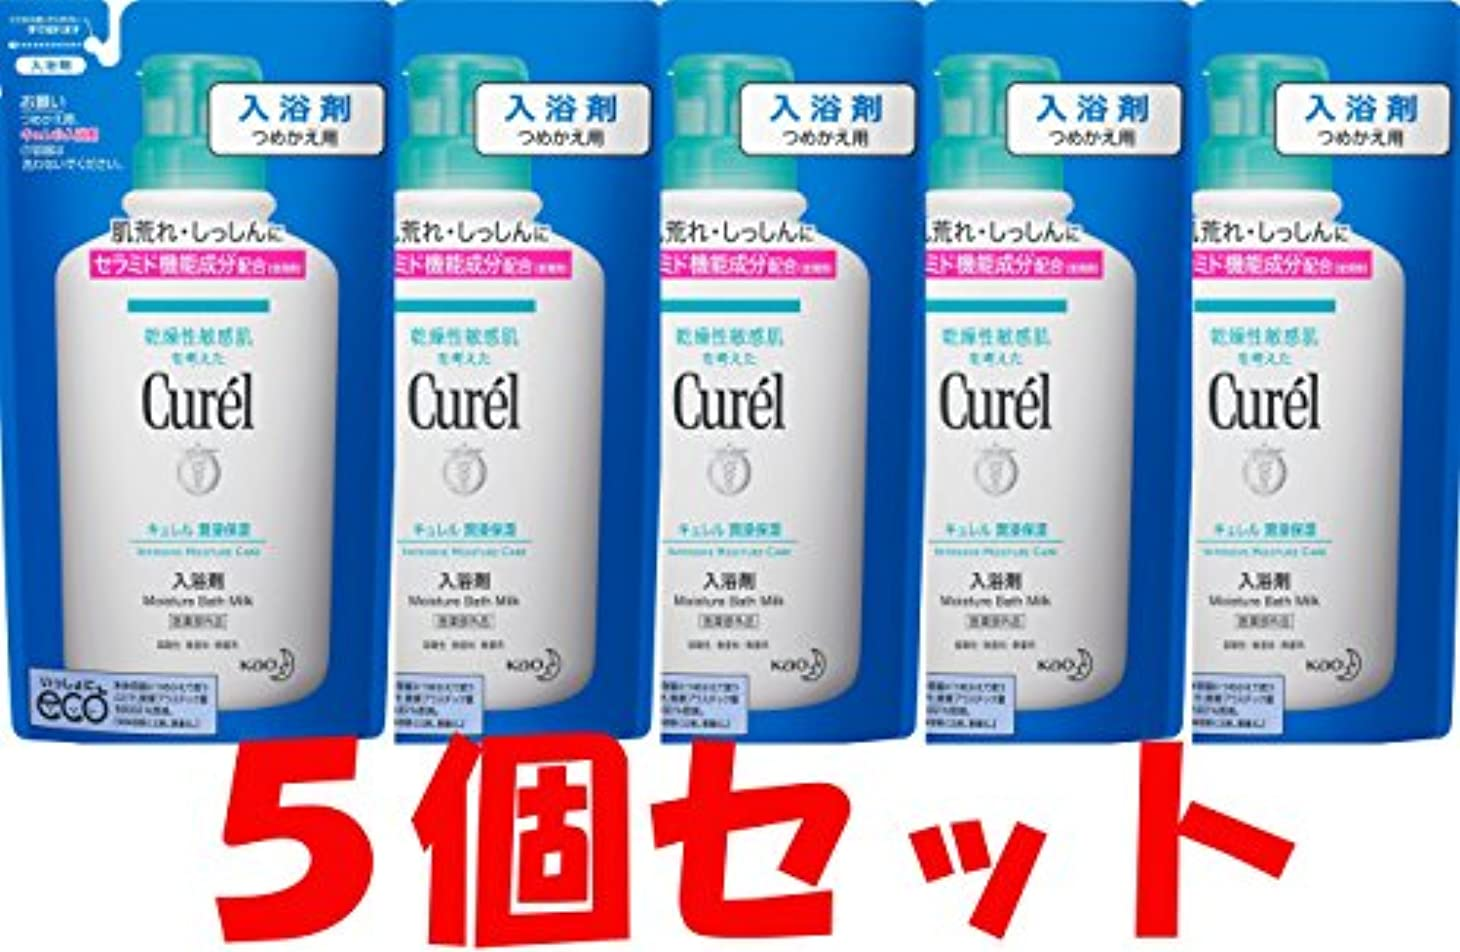 ハントばかげた収容する【花王】キュレル 入浴剤 つめかえ用 360ml ×5個セット